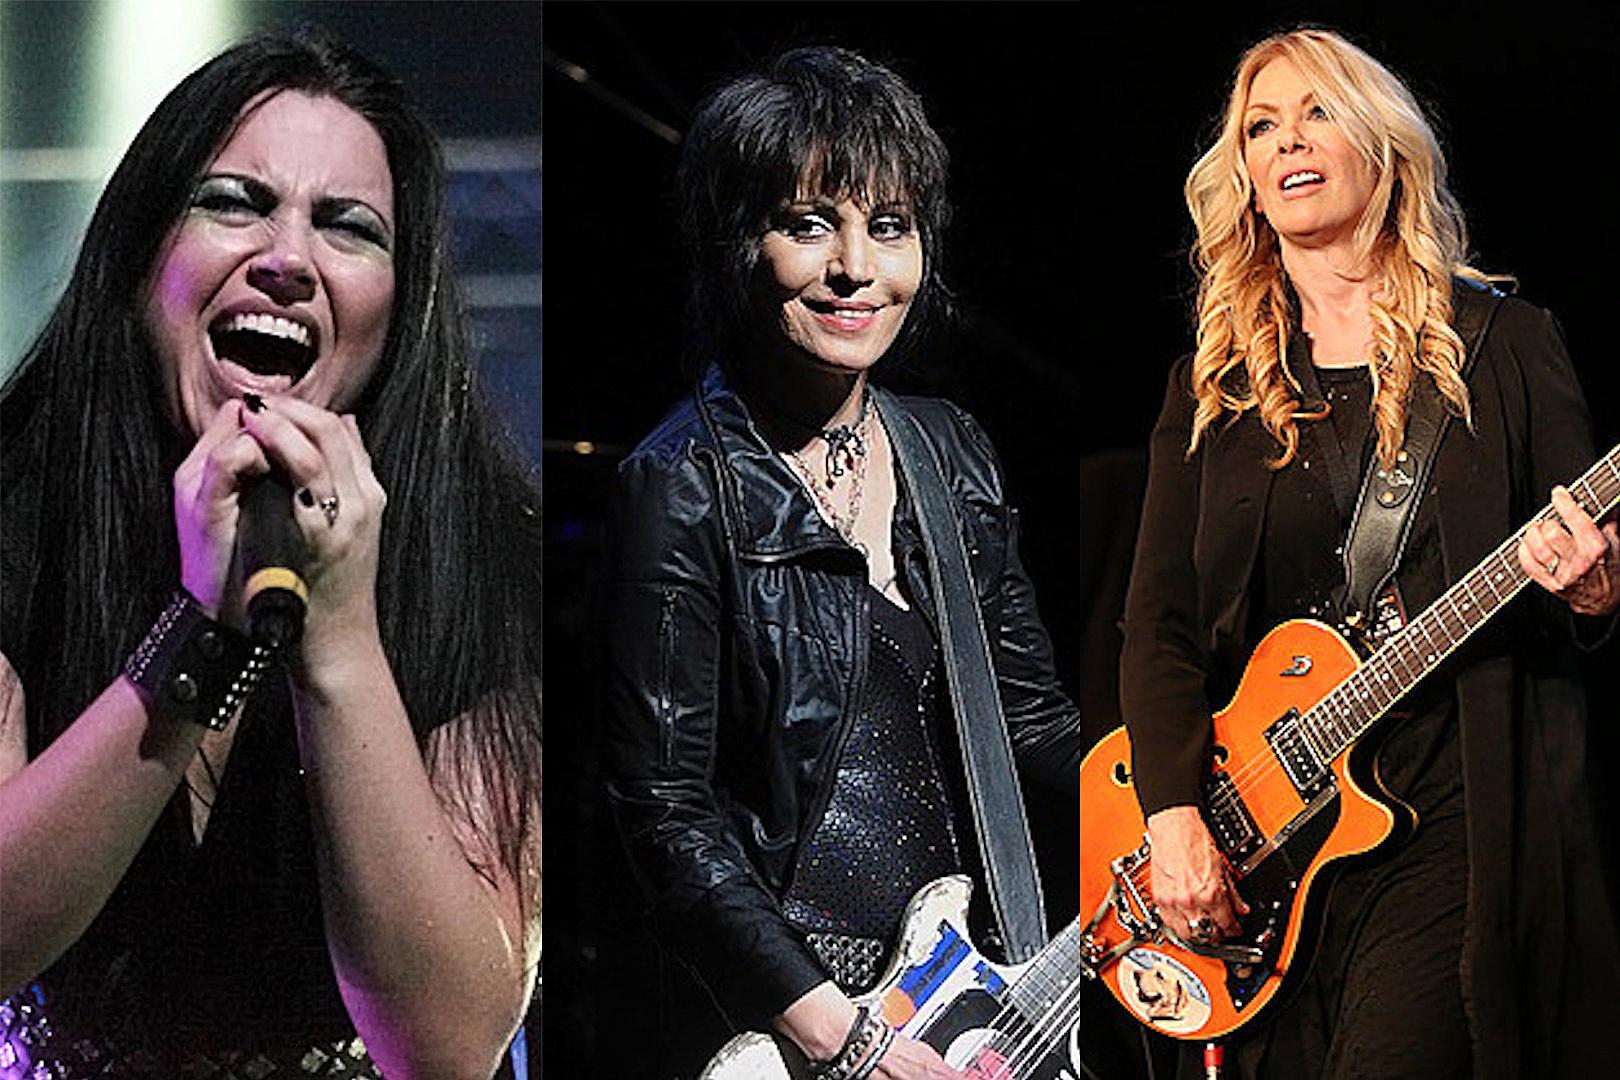 Evanescence, Joan Jett, Nancy Wilson + More Join Reverb Charity Auction